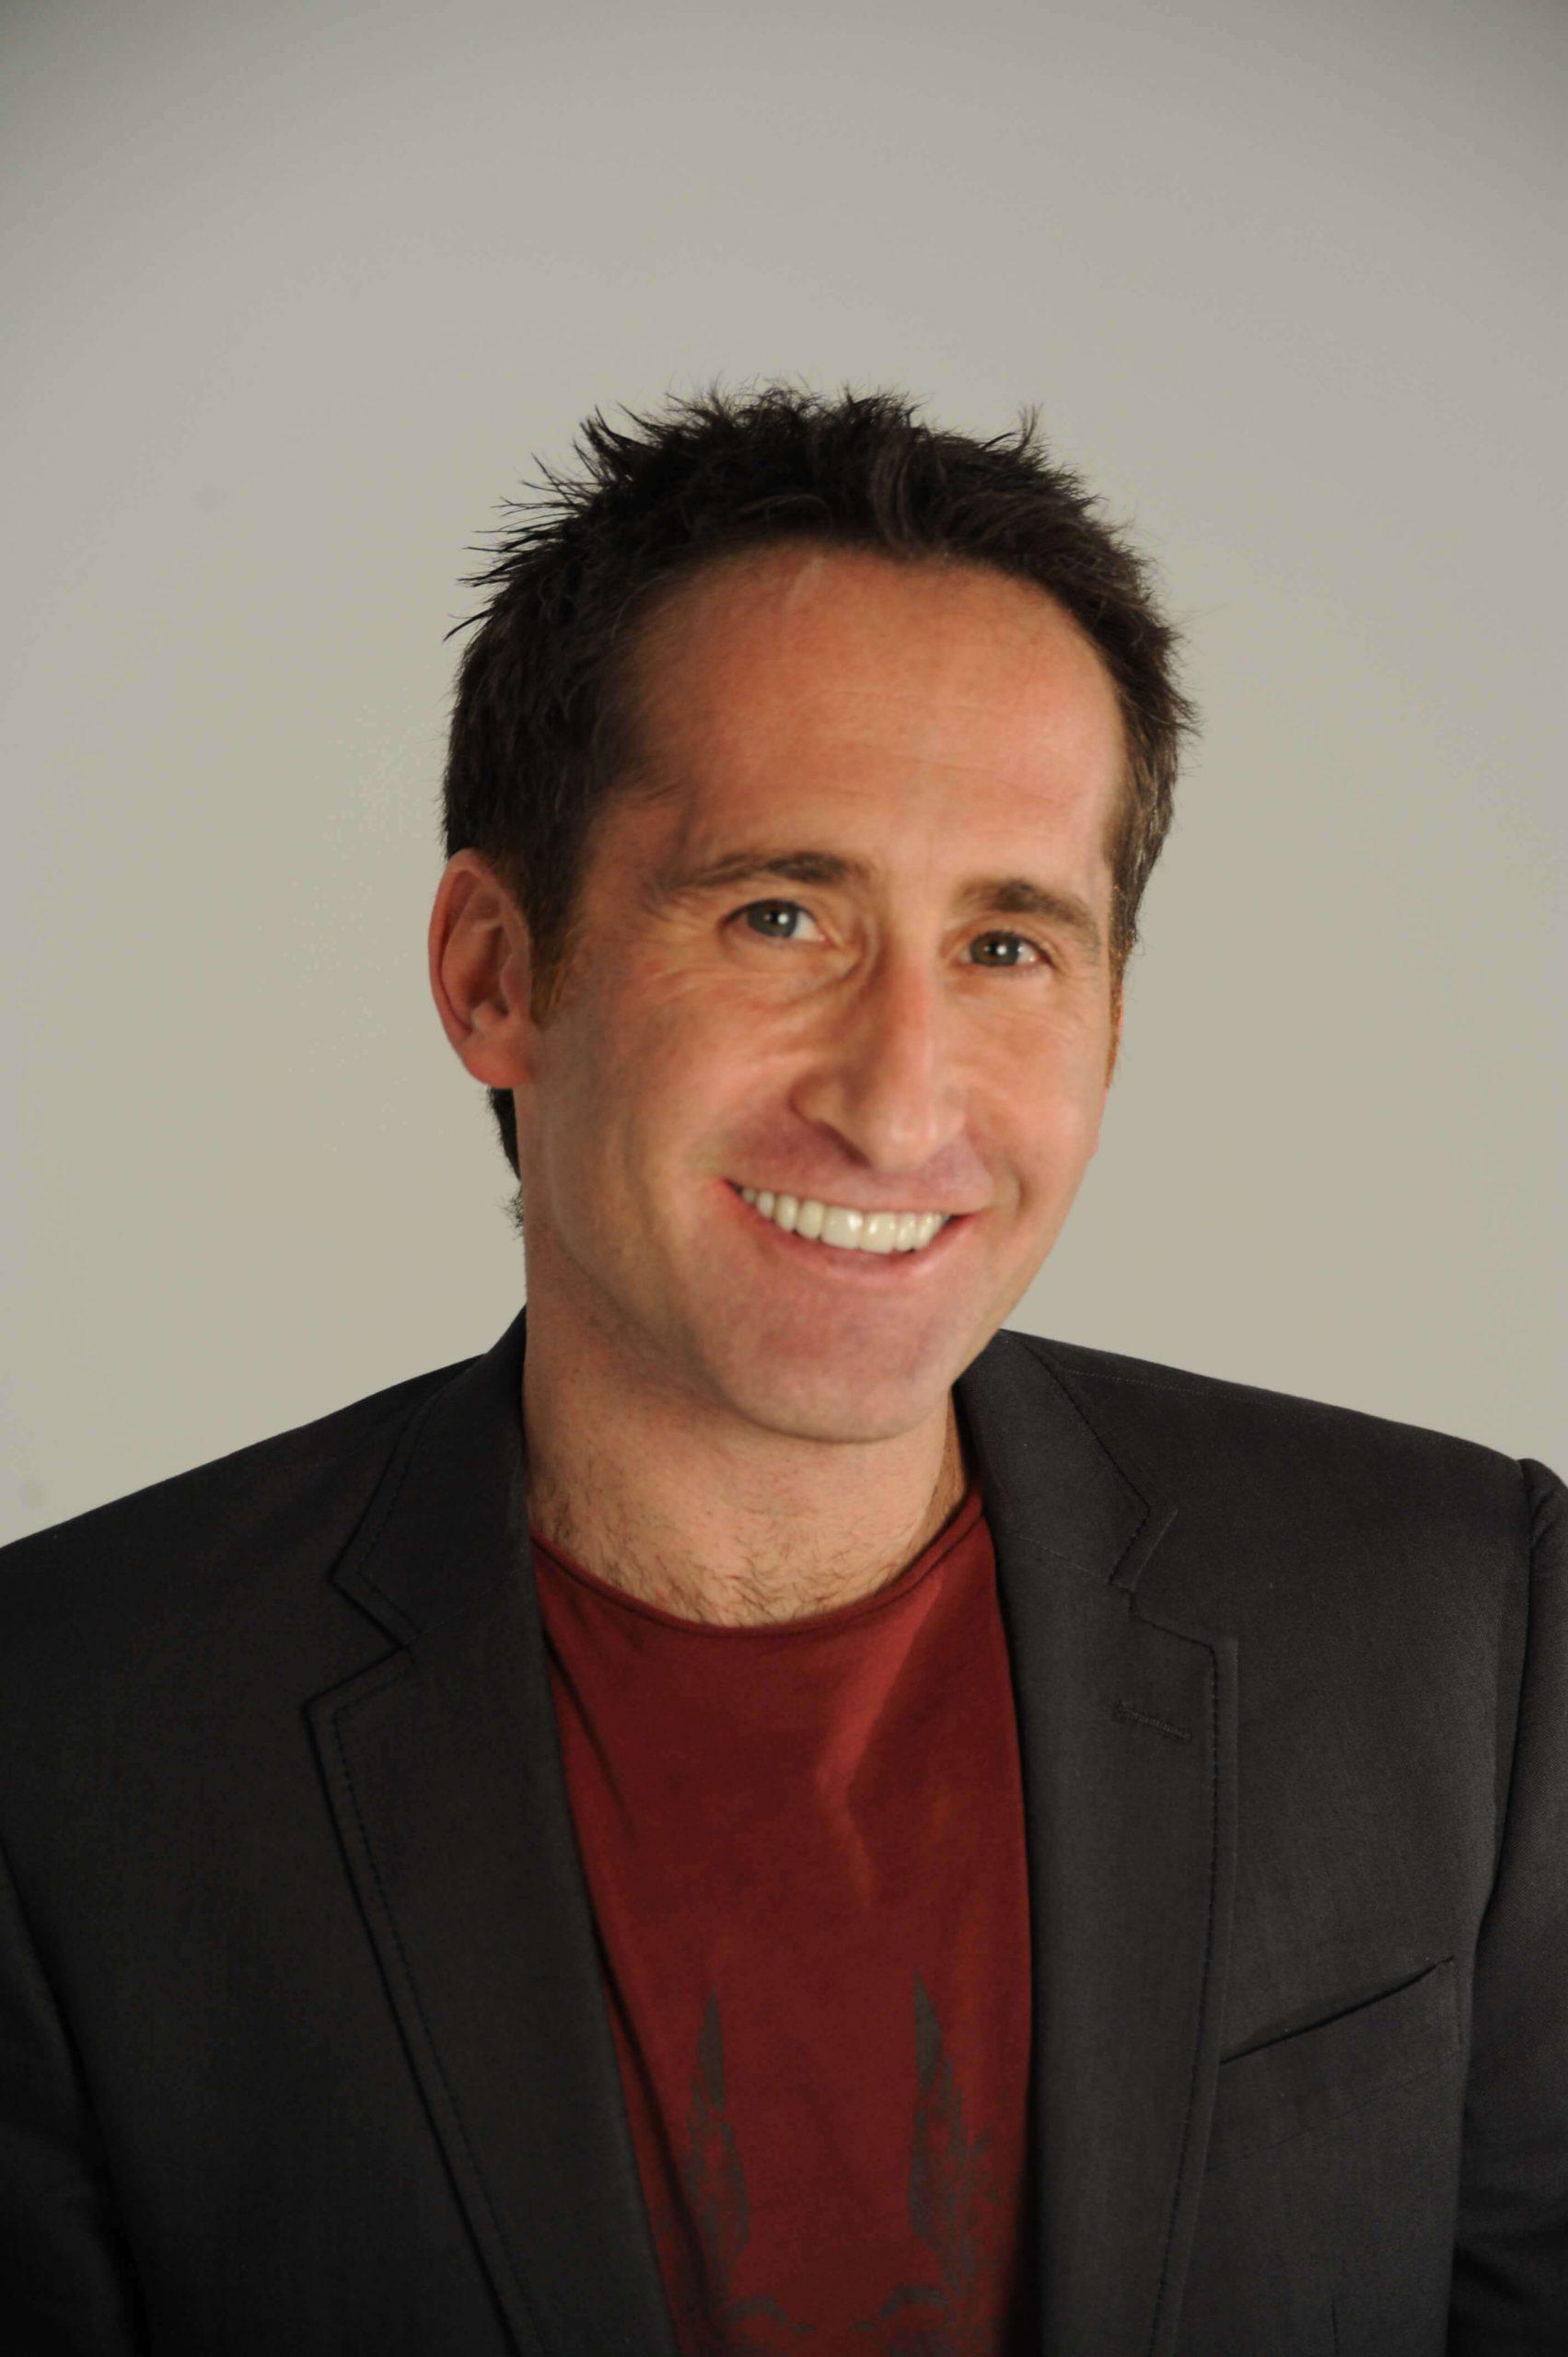 David-Stillman-speaker